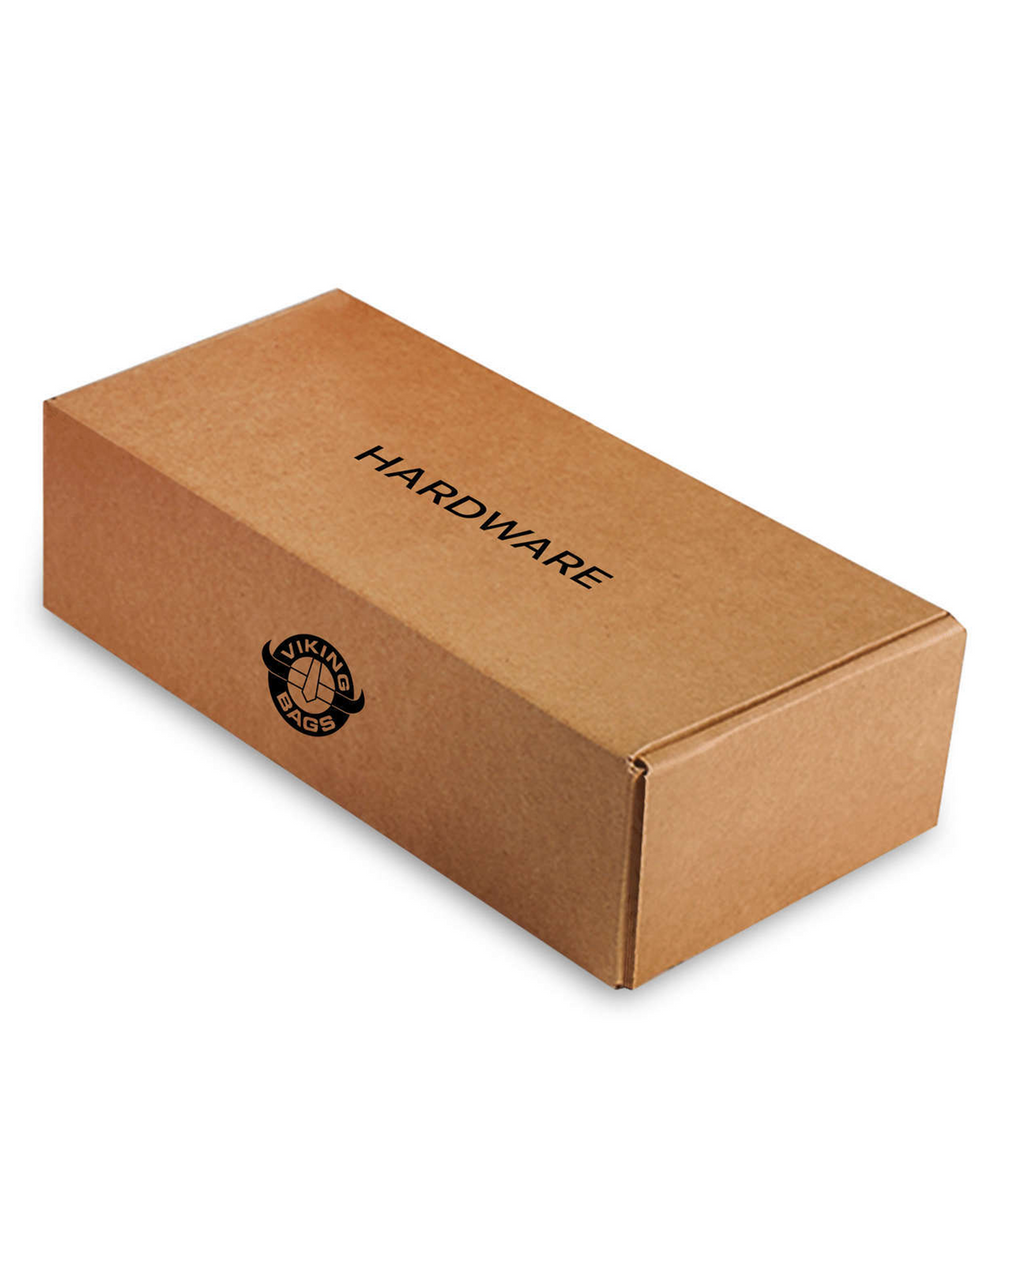 Honda VTX 1800 F Slanted Studded M Motorcycle Saddlebags Hardware Box